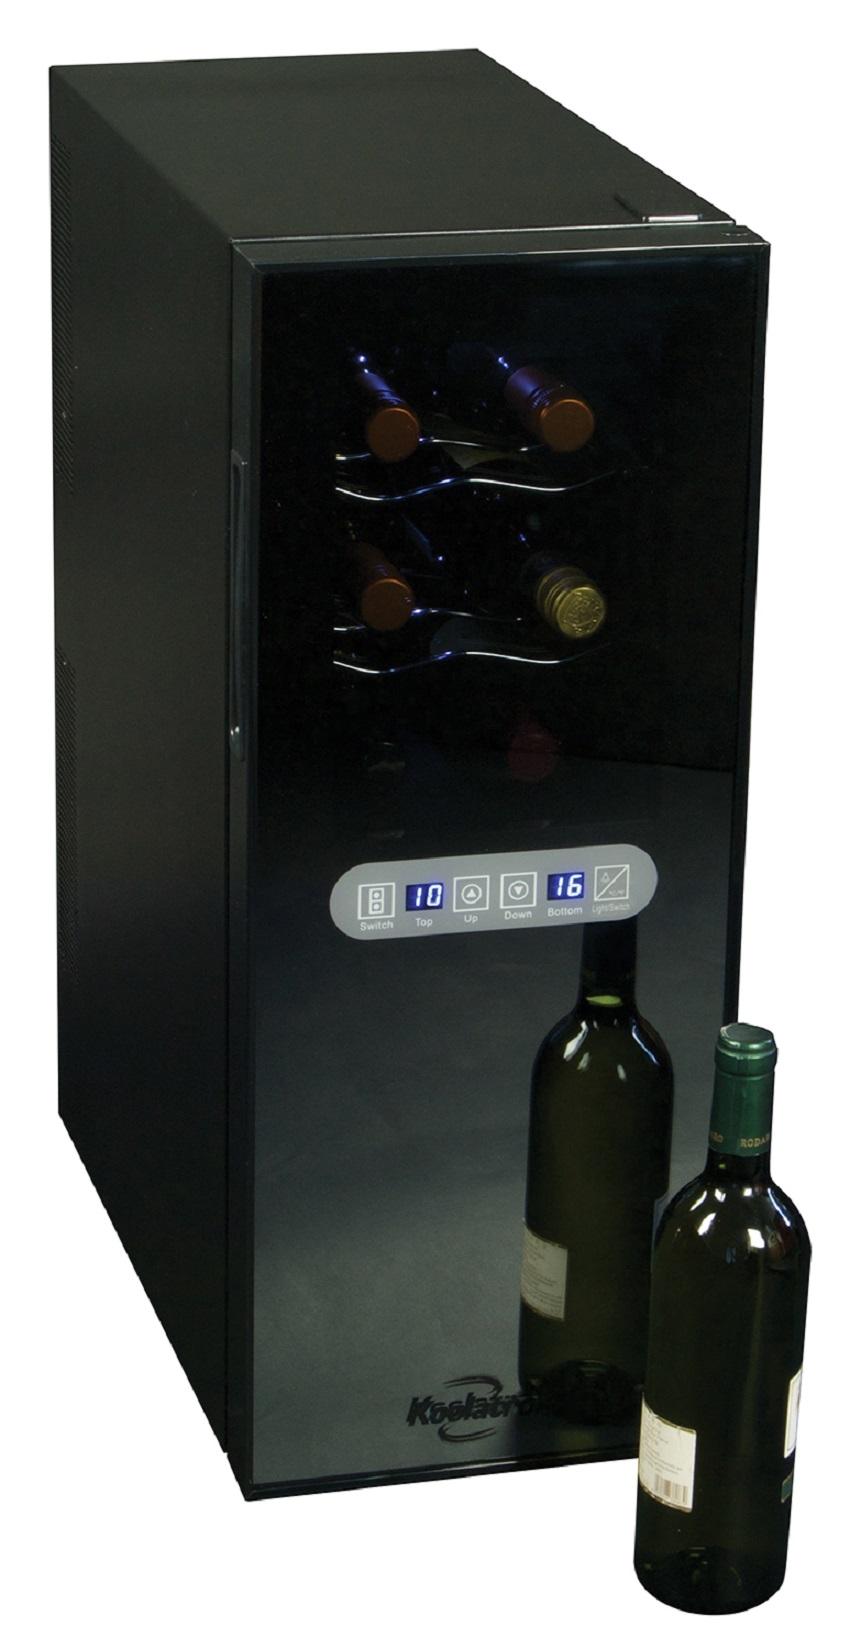 Koolatron WC12 DZ 12 Bottle Dual Zone Wine Cellar PartNumber: 04649039000P KsnValue: 9042974 MfgPartNumber: WC12 DZ